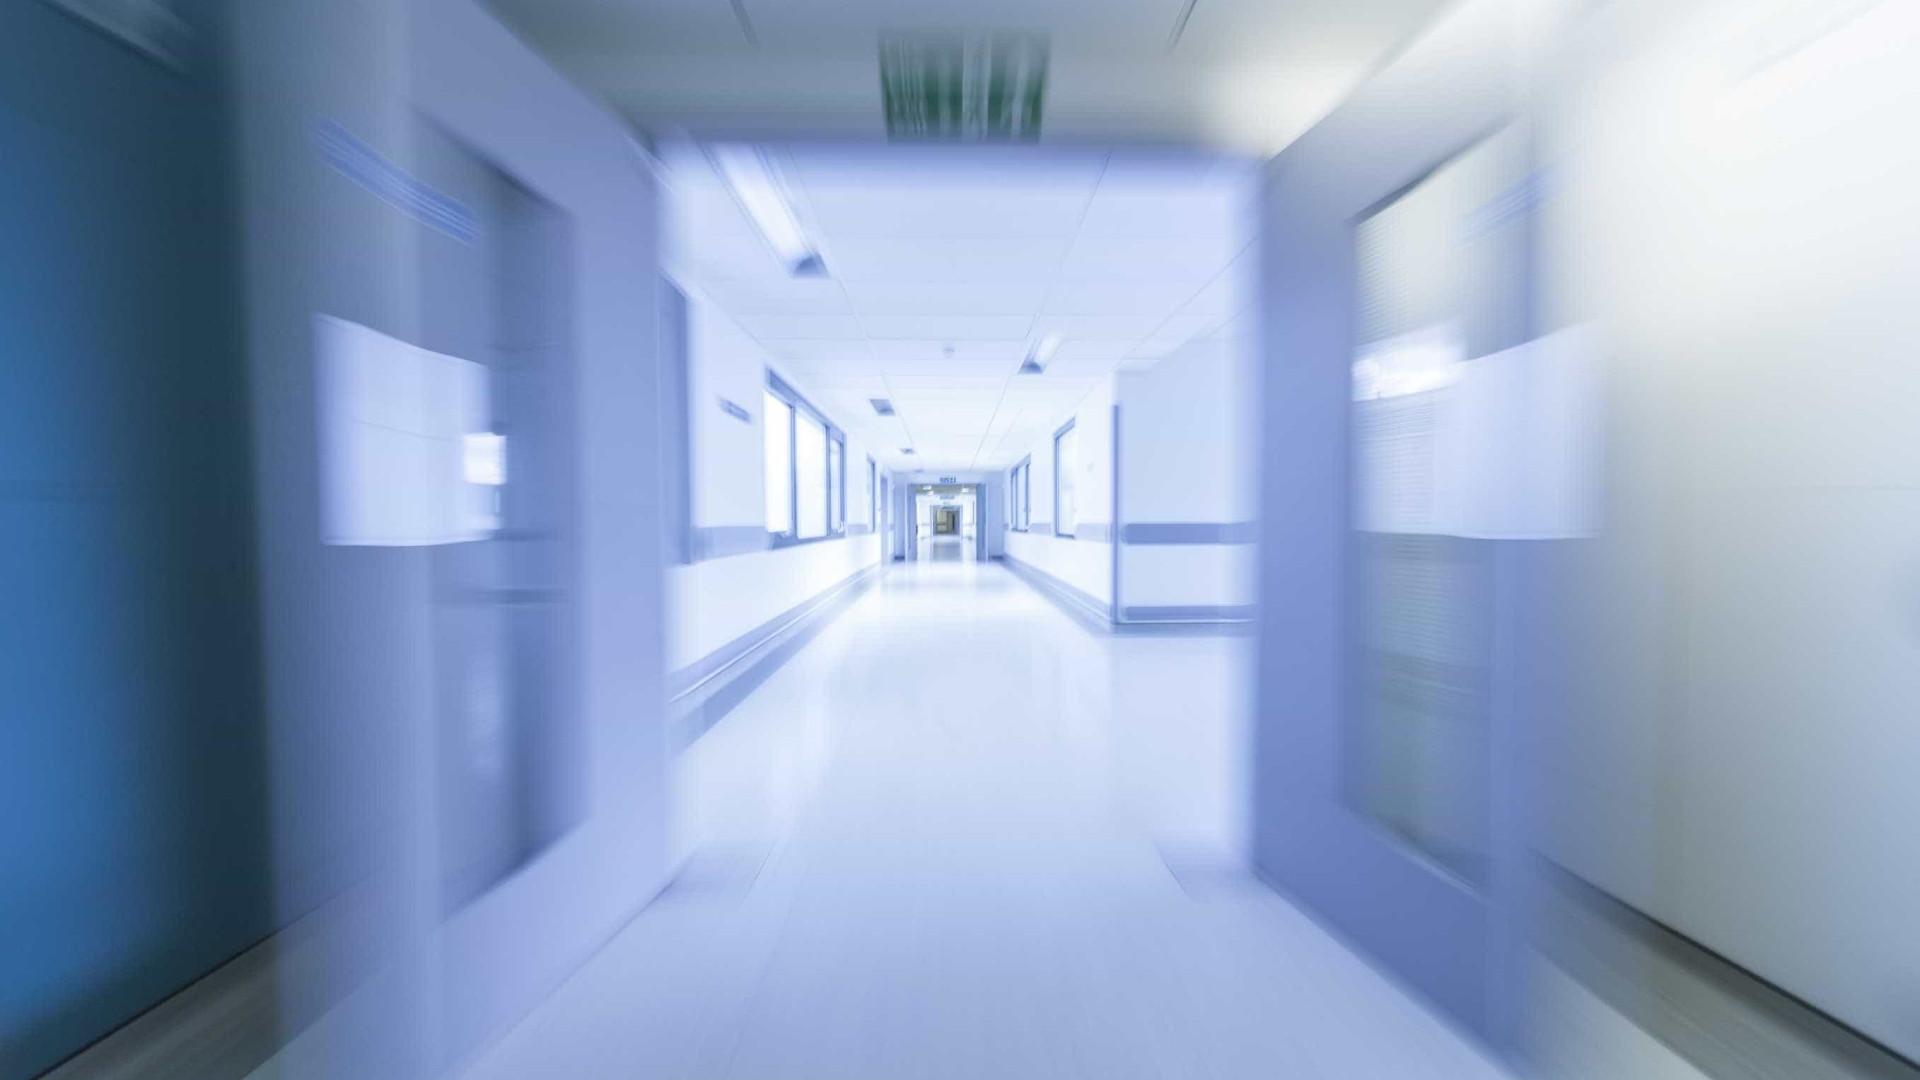 Condenado cirurgião que inscrevia as suas iniciais no fígado de pacientes